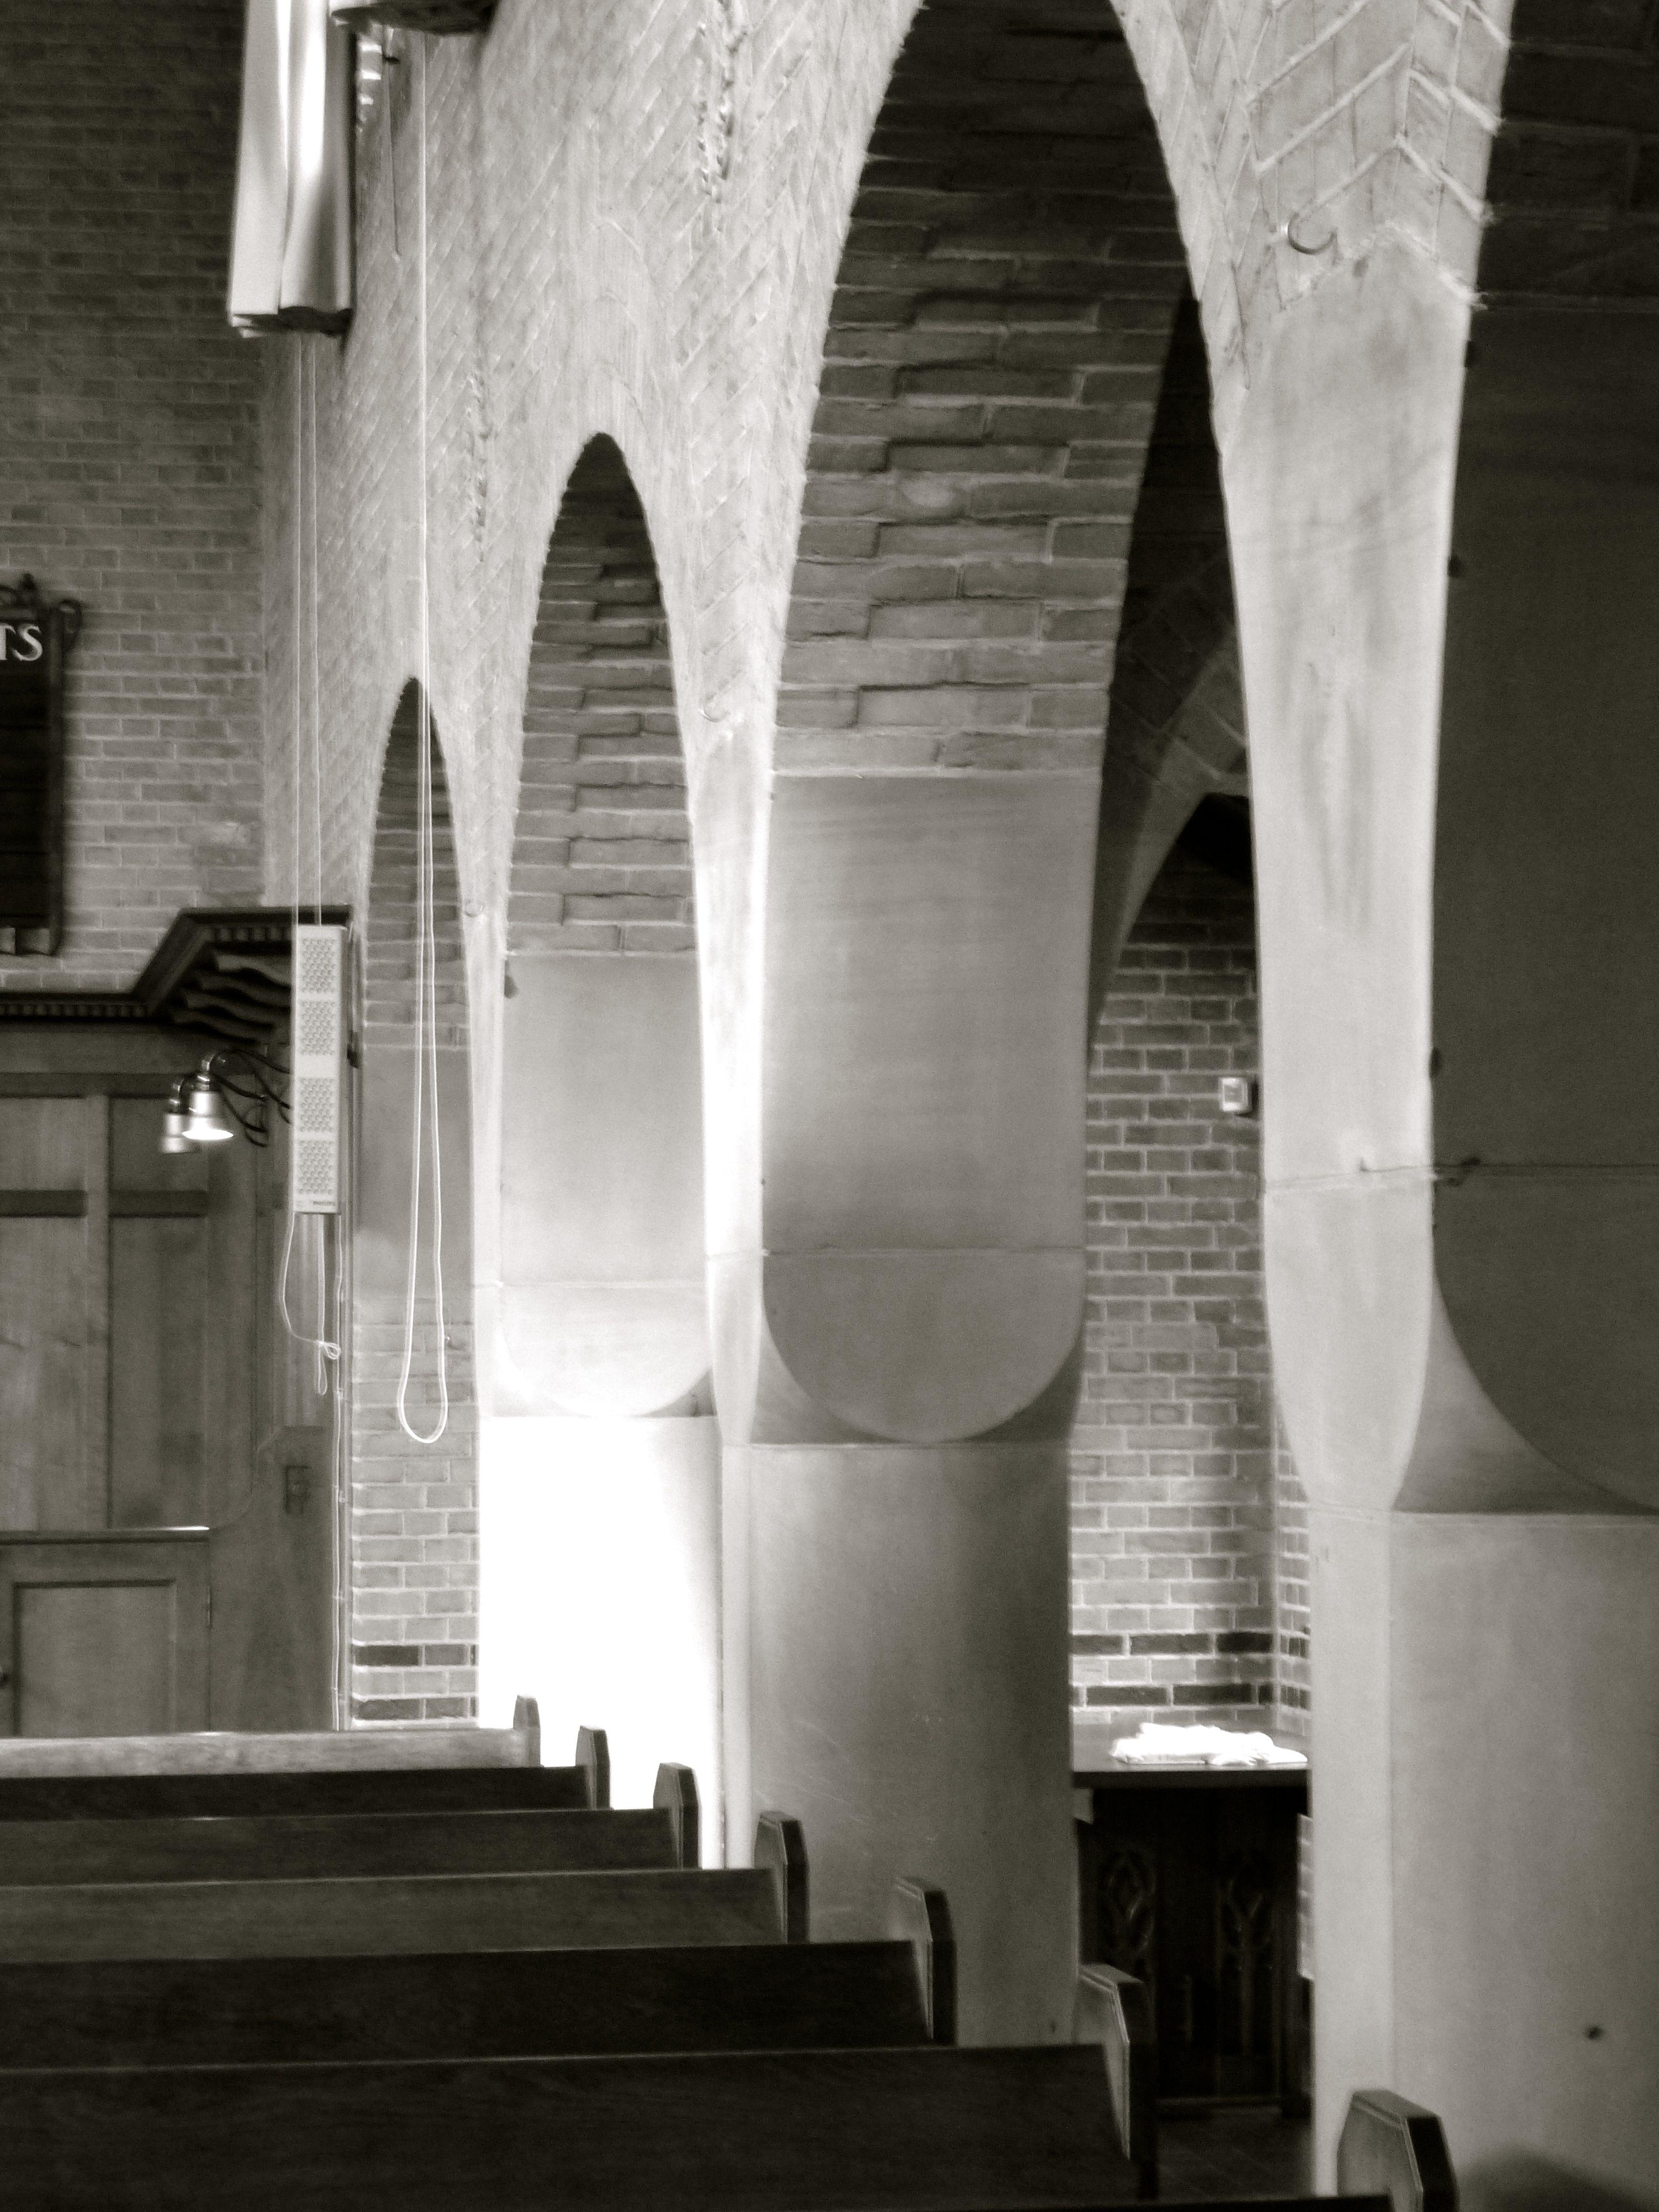 interieur Waalse kerk, Rotterdam | 464 E Walnut | Pinterest